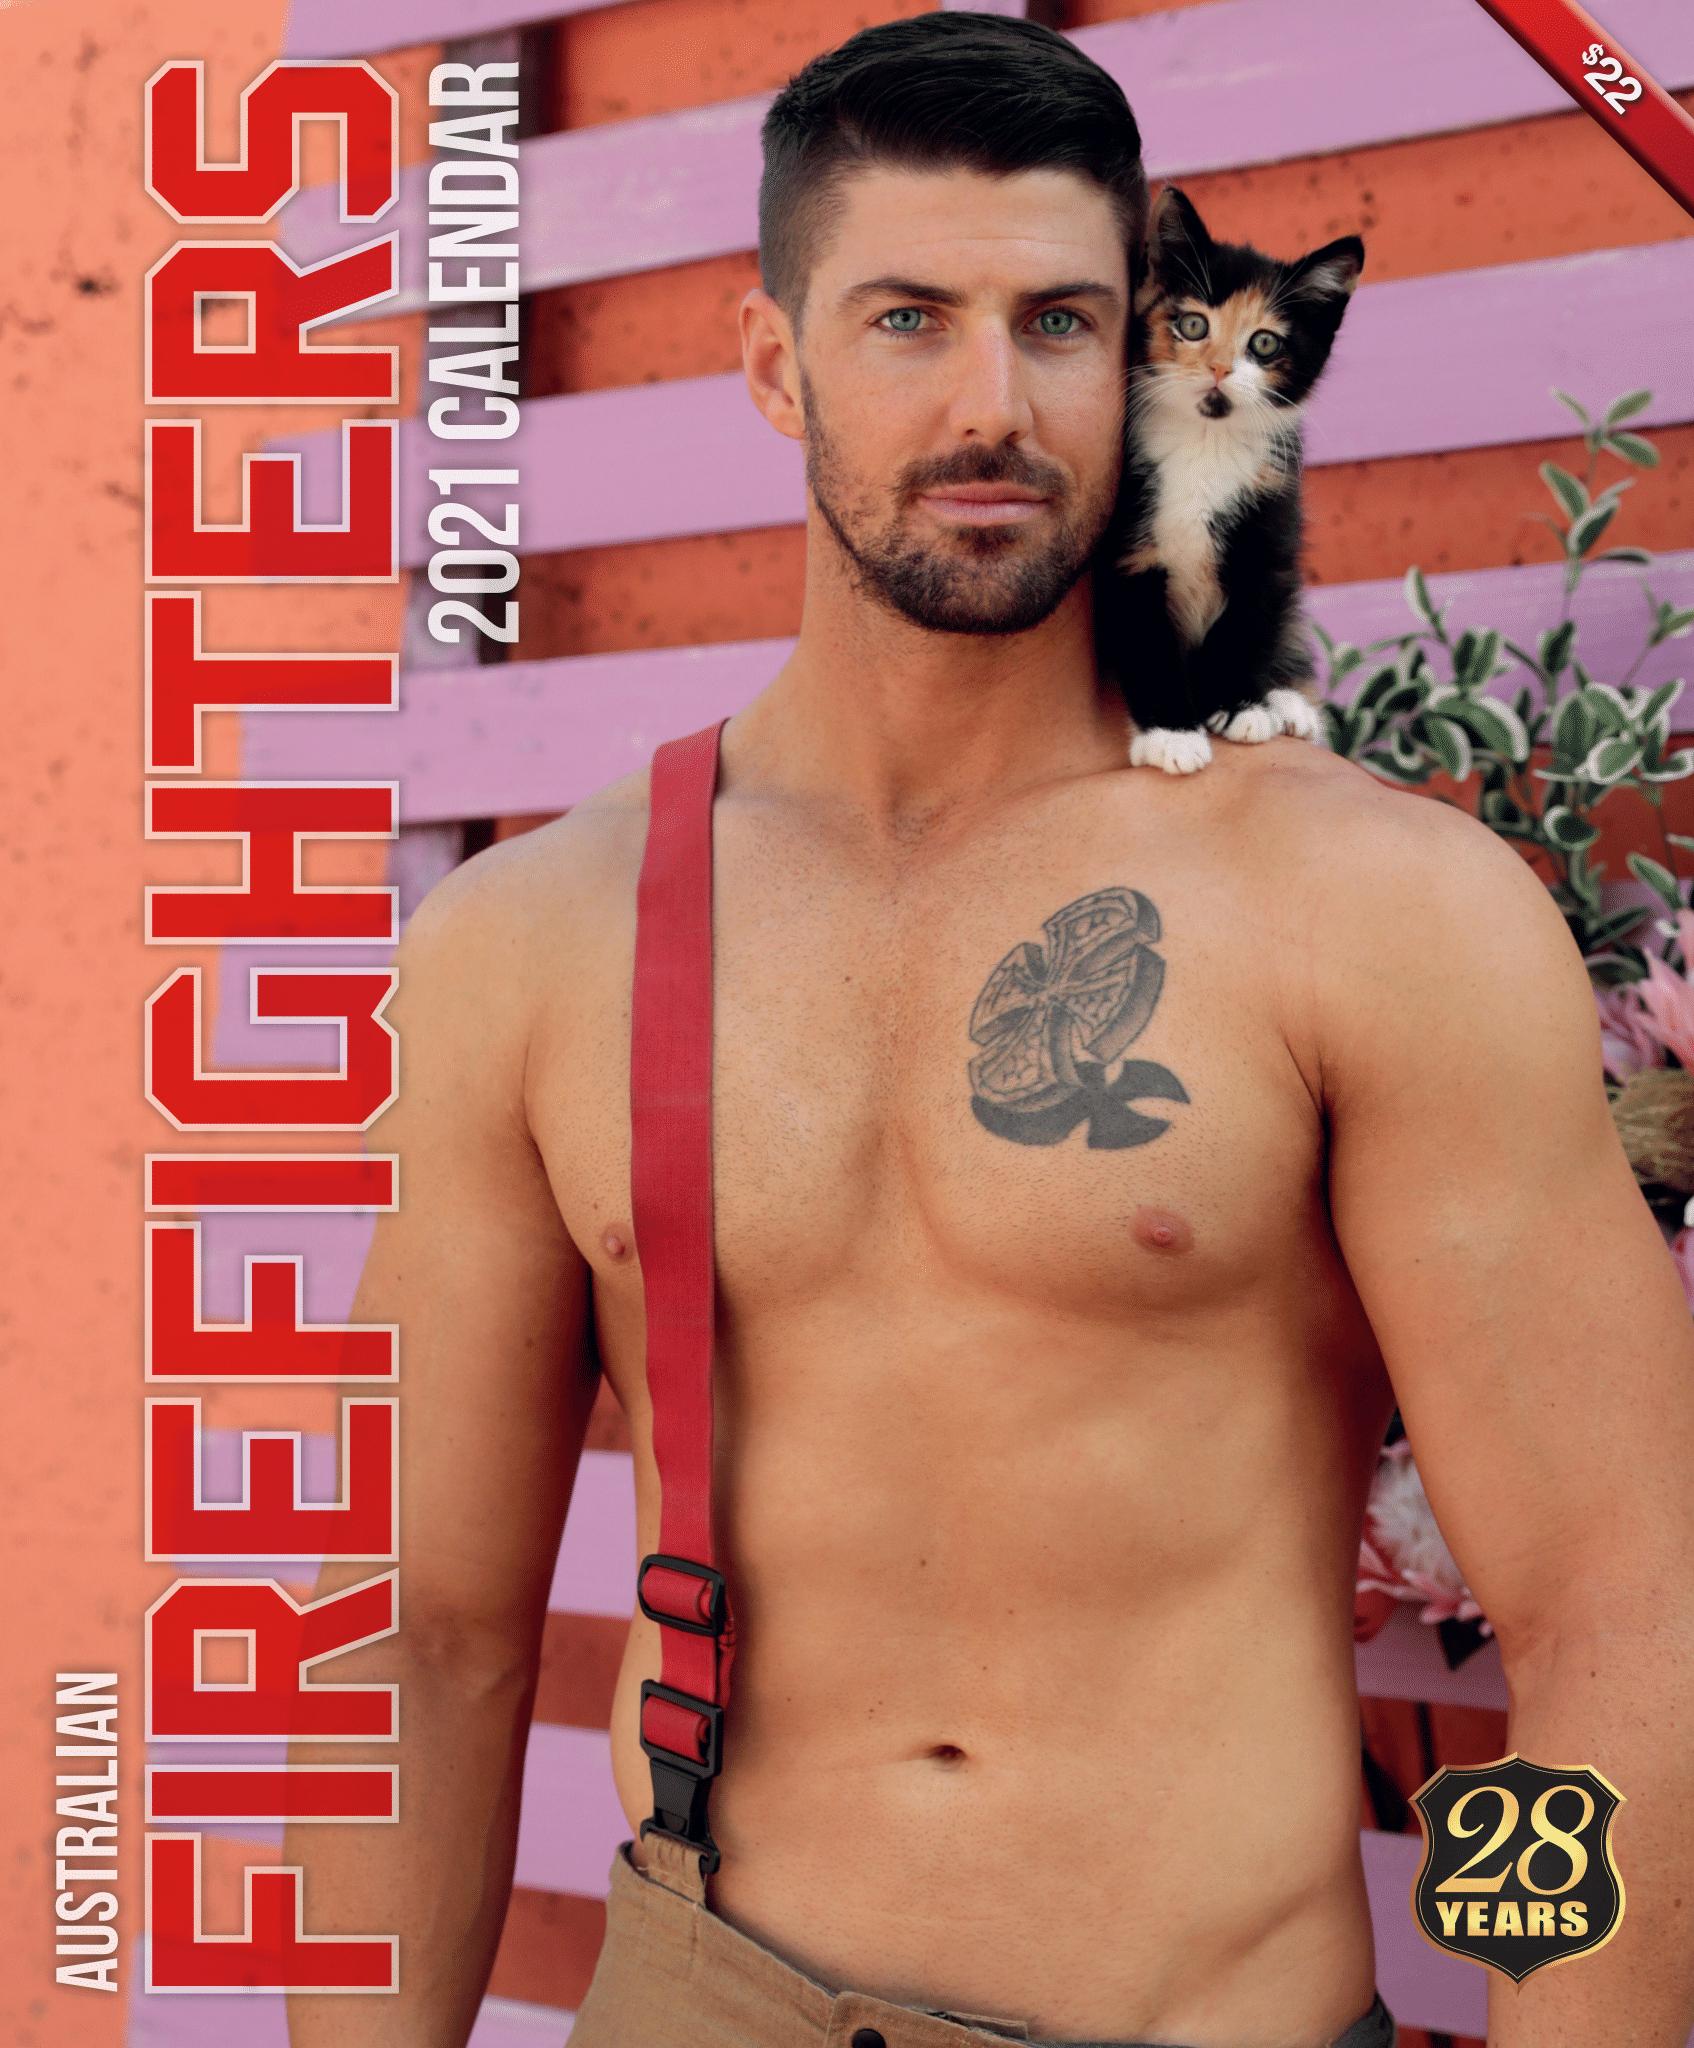 Голый торс и коала: австралийские пожарные снялись для нового календаря - фото 7